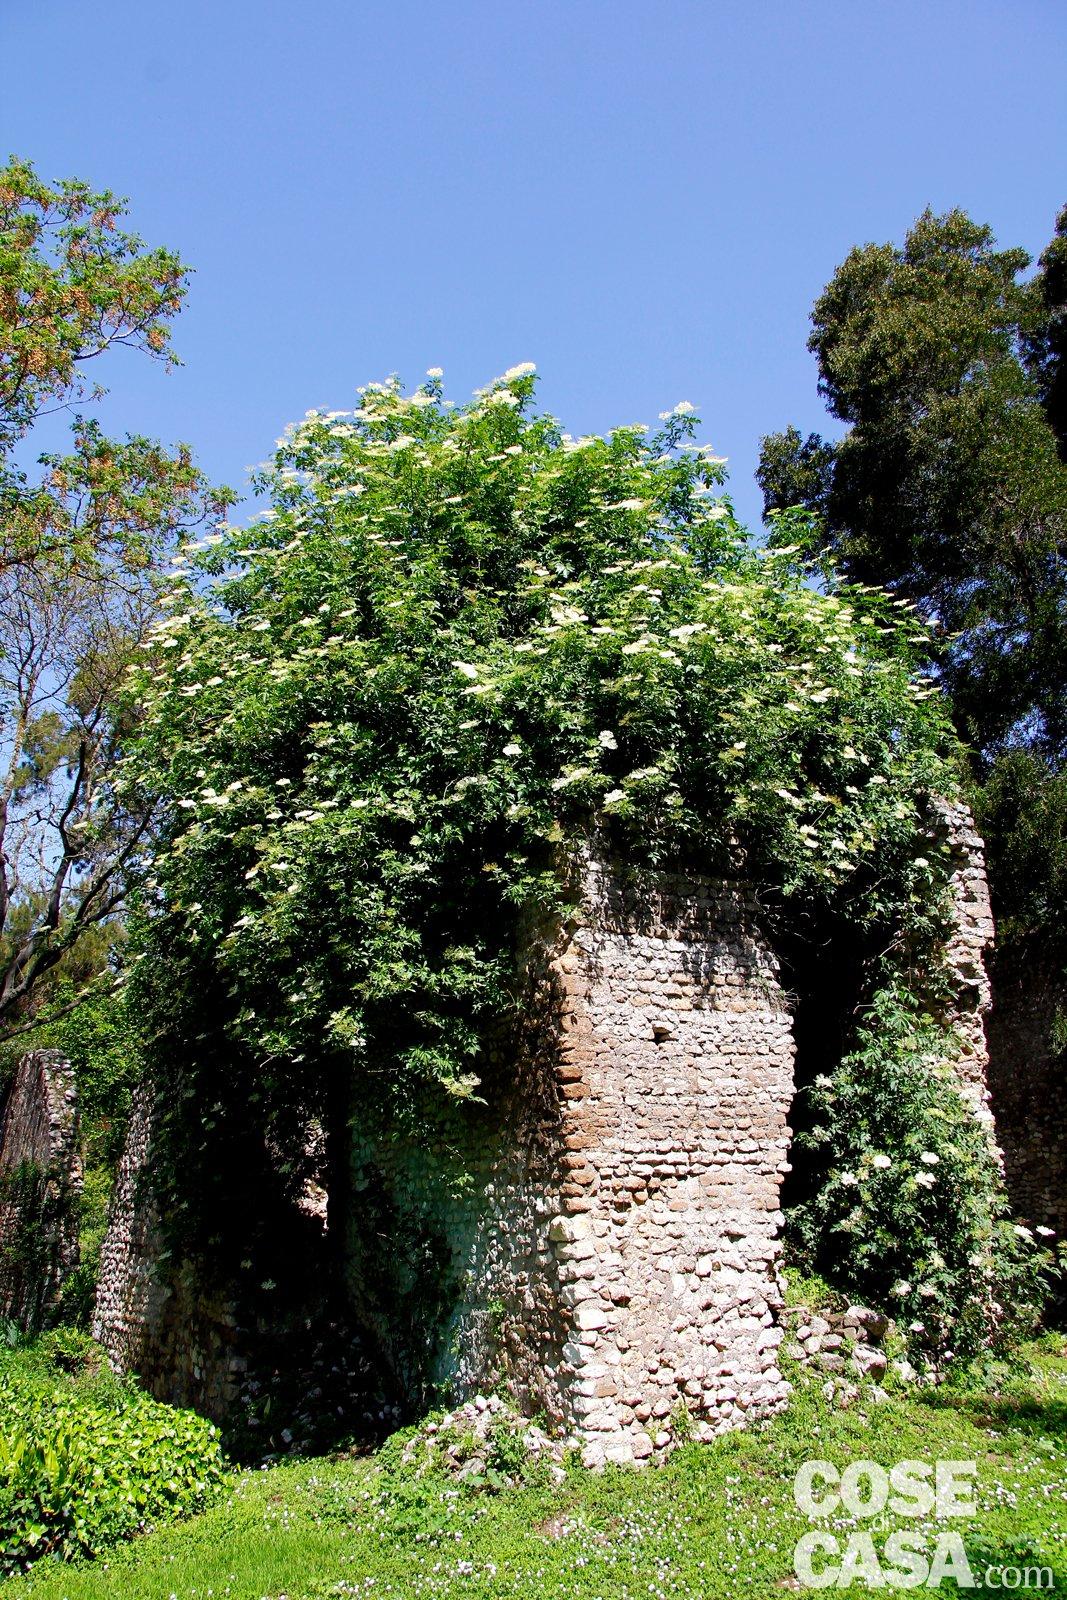 giardino di ninfa alla scoperta delle piante cose di casa